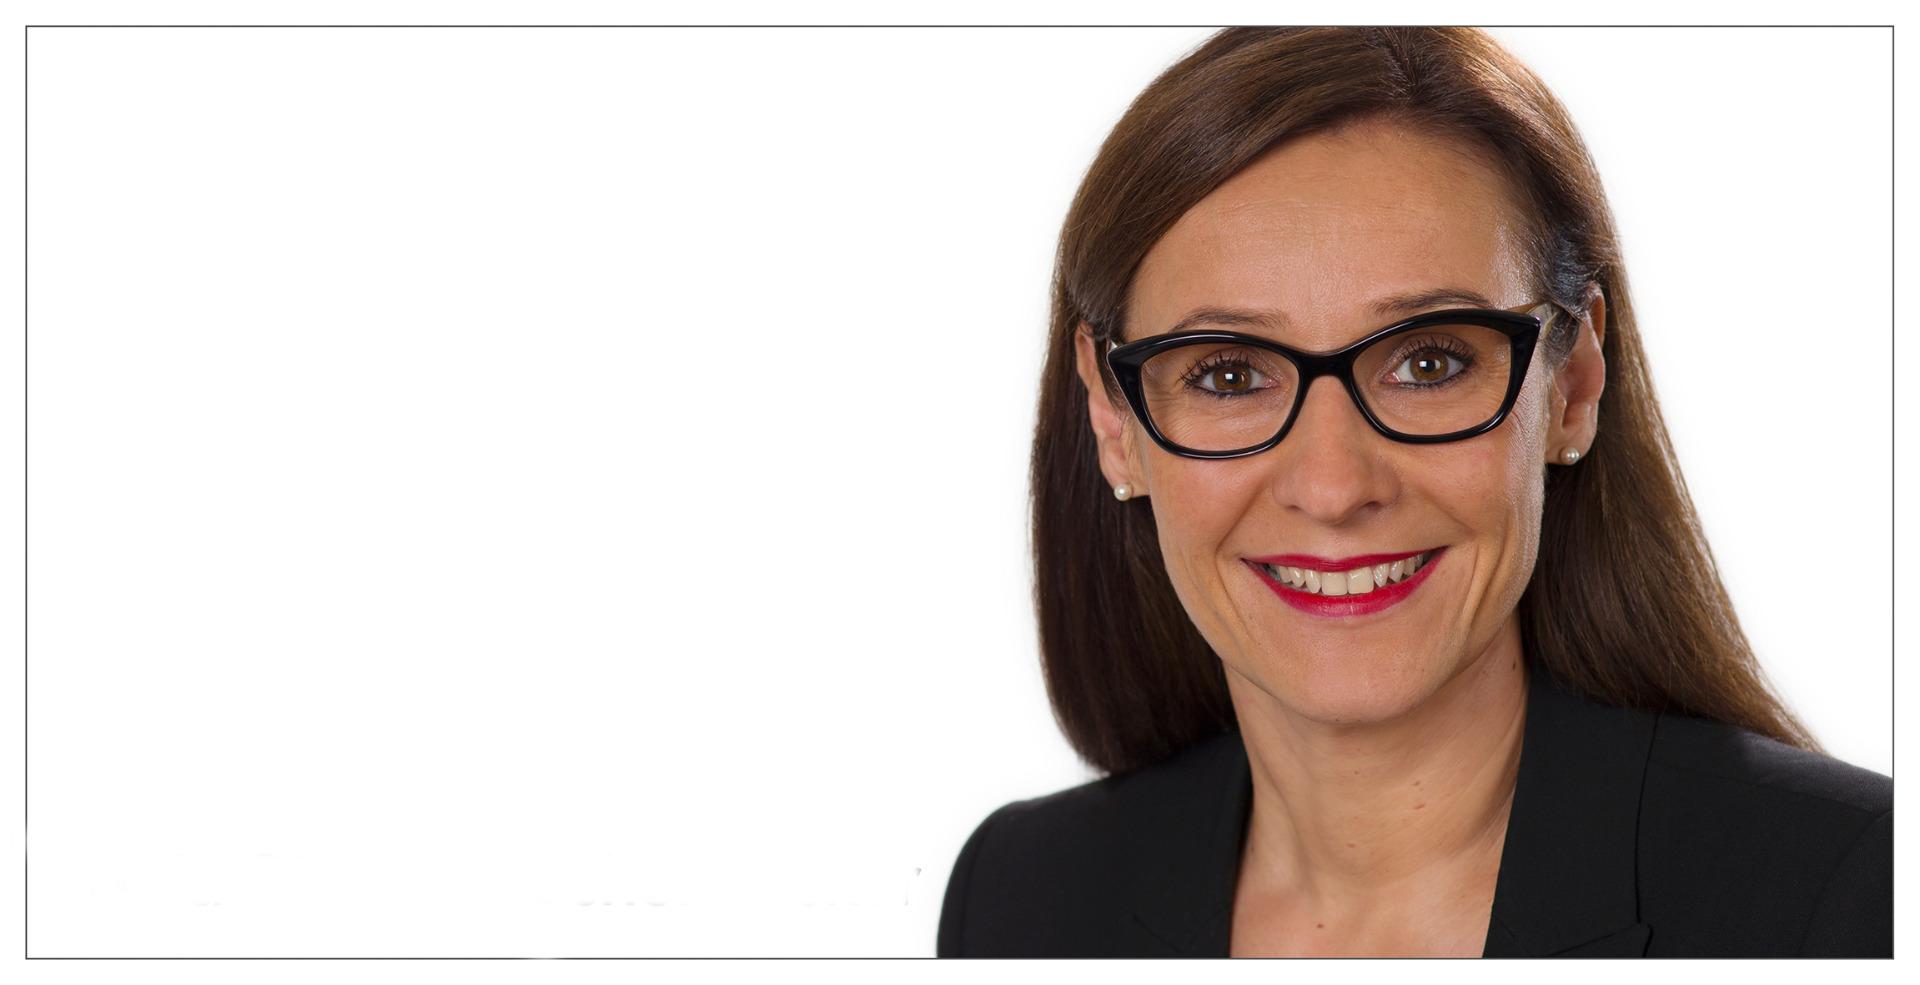 Anja Stadler-Kuchenbecker